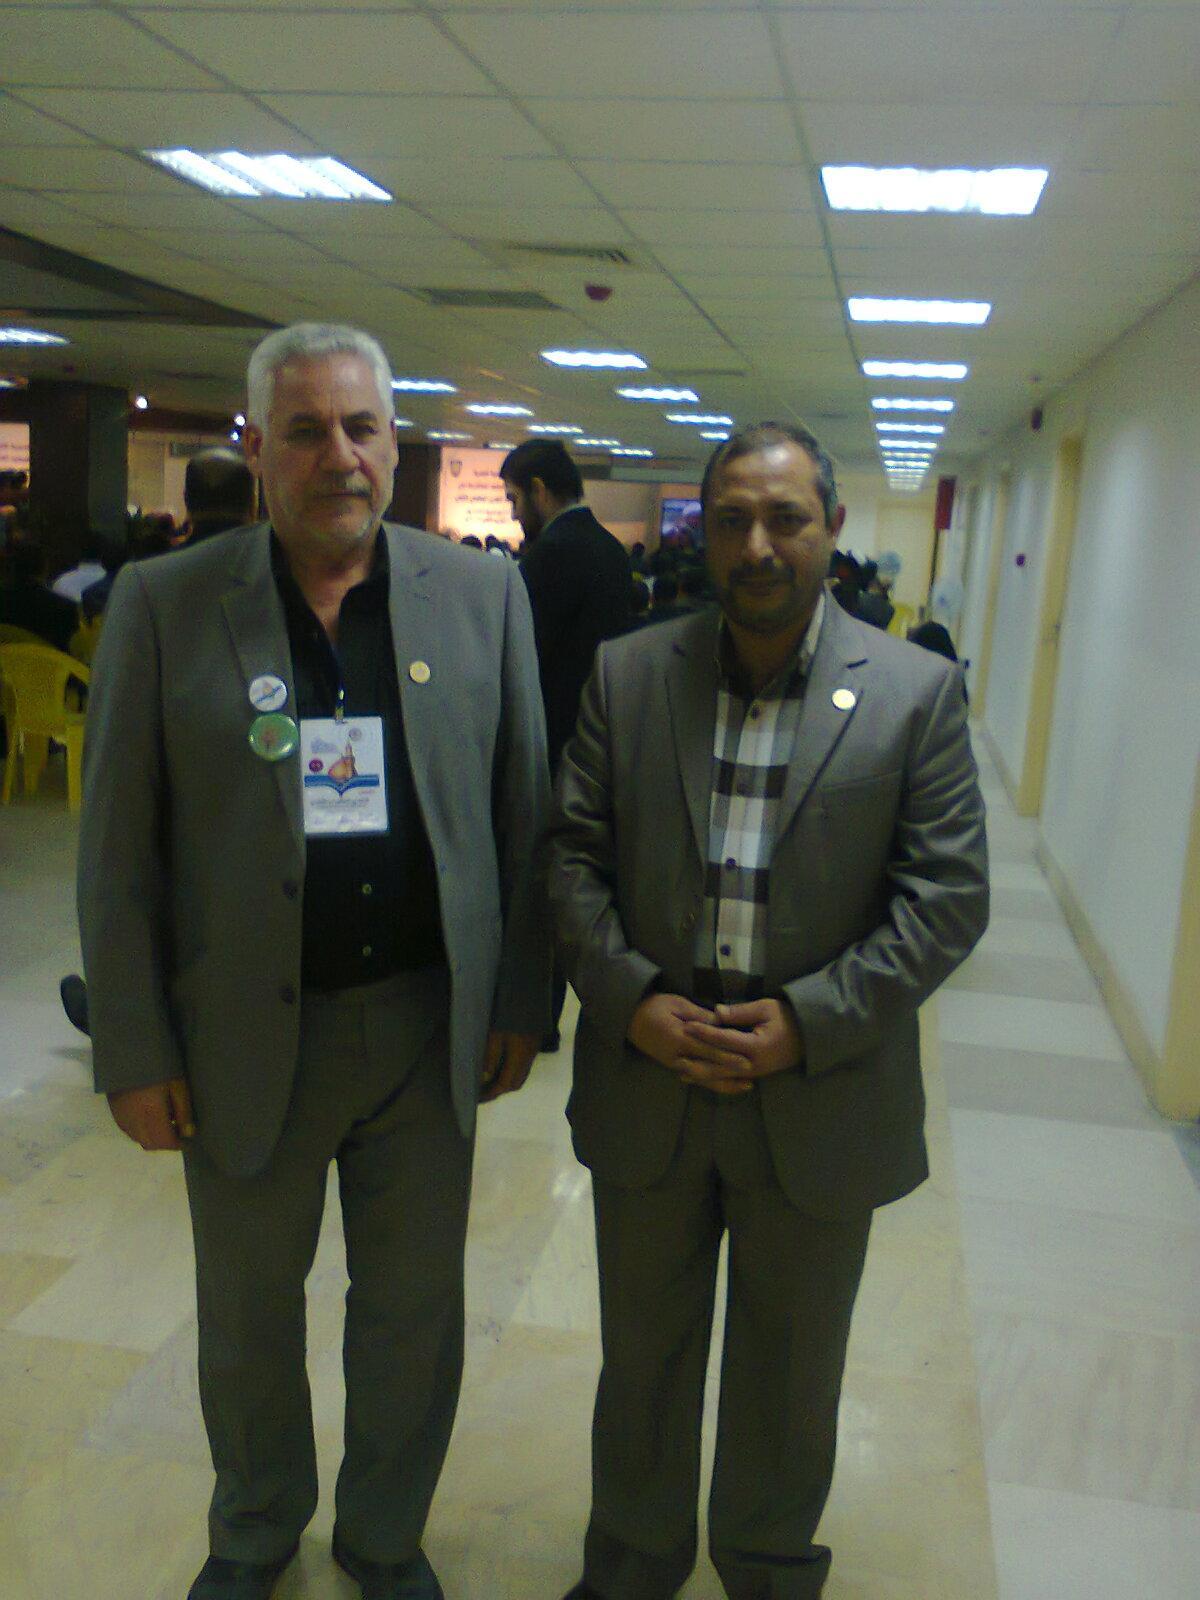 صور من مهرجان الغدير العالمي الثاني 200354772